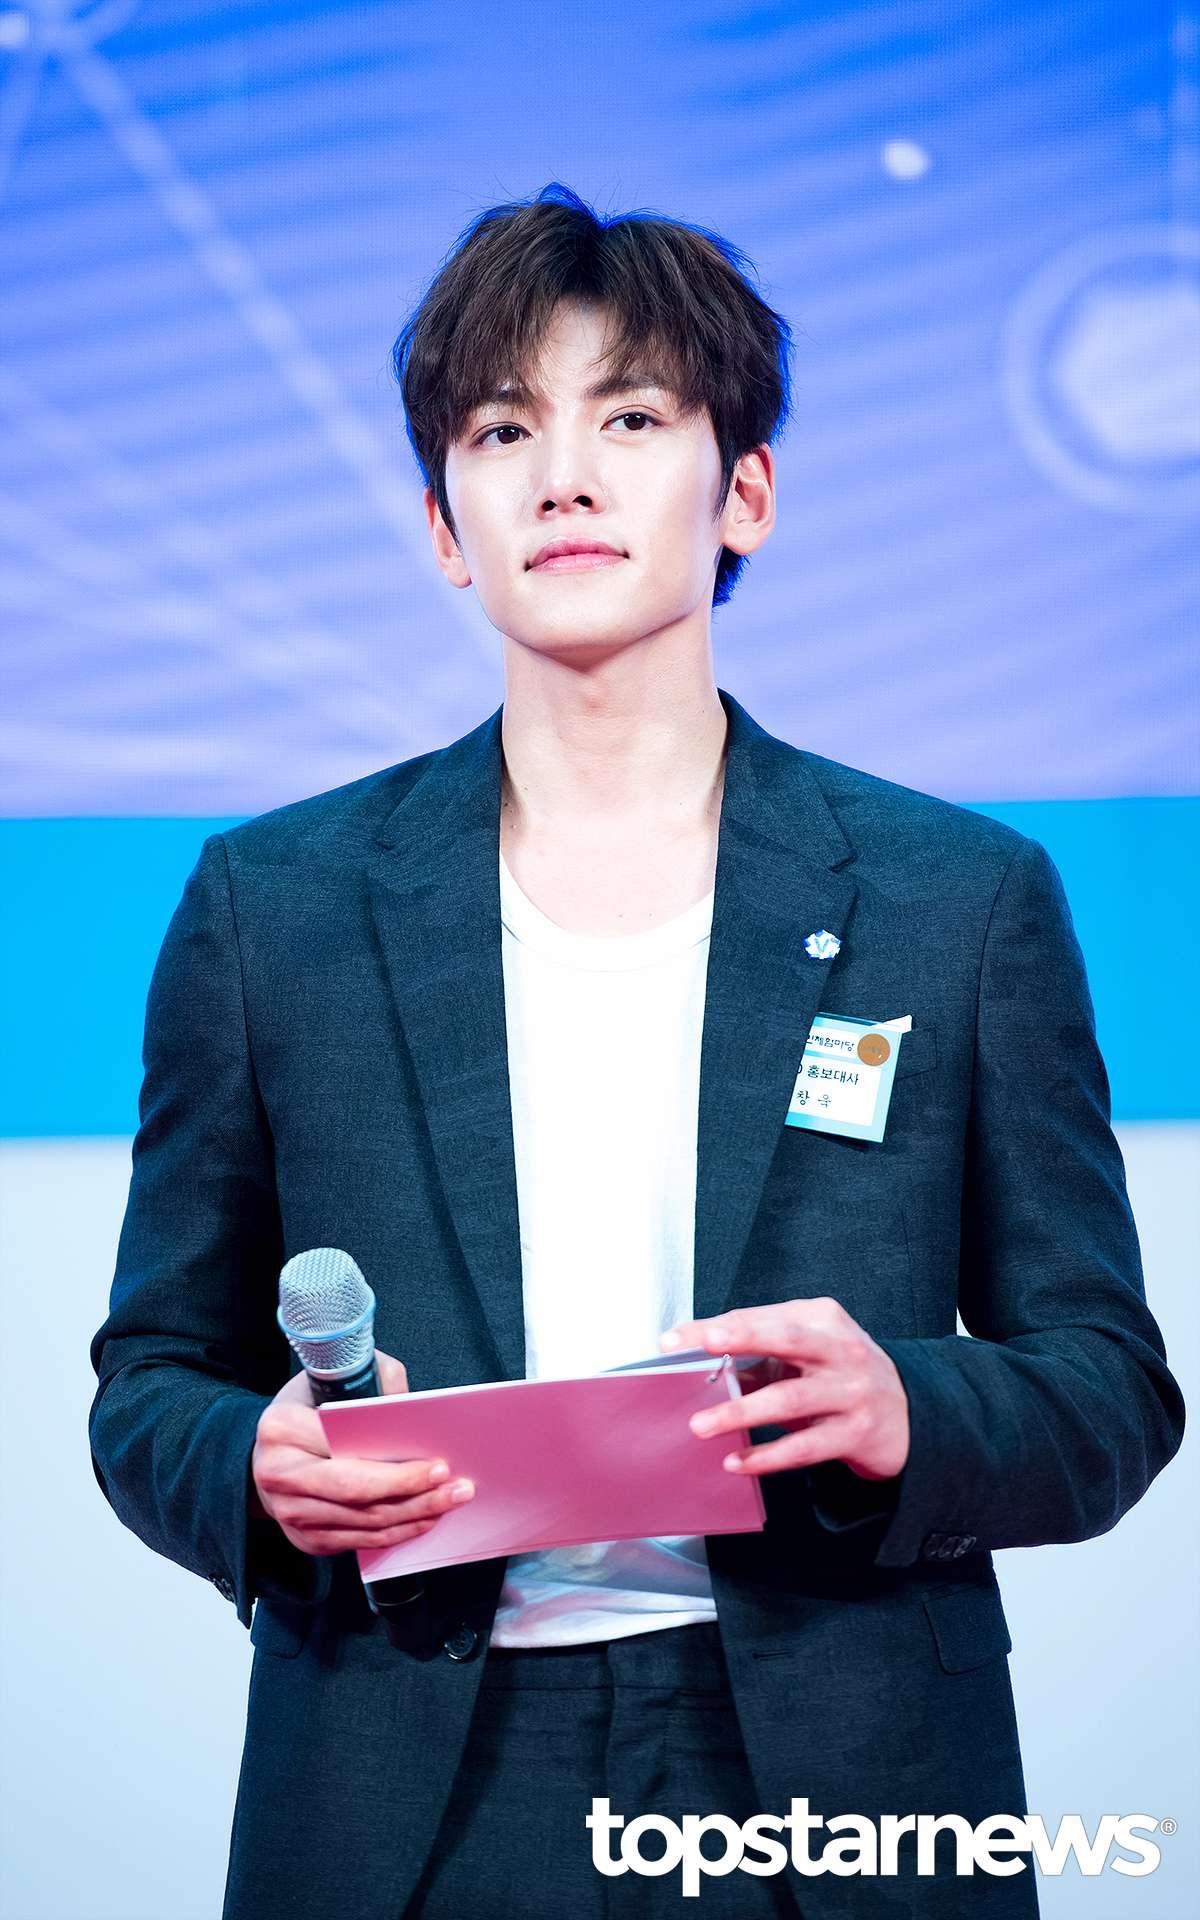 男主角是因為《奇皇后》而在台灣知名度大漲的池昌旭~編劇加上俊男美女組合加上在今年的tvN,還未開播就先引起很多人的關心了~